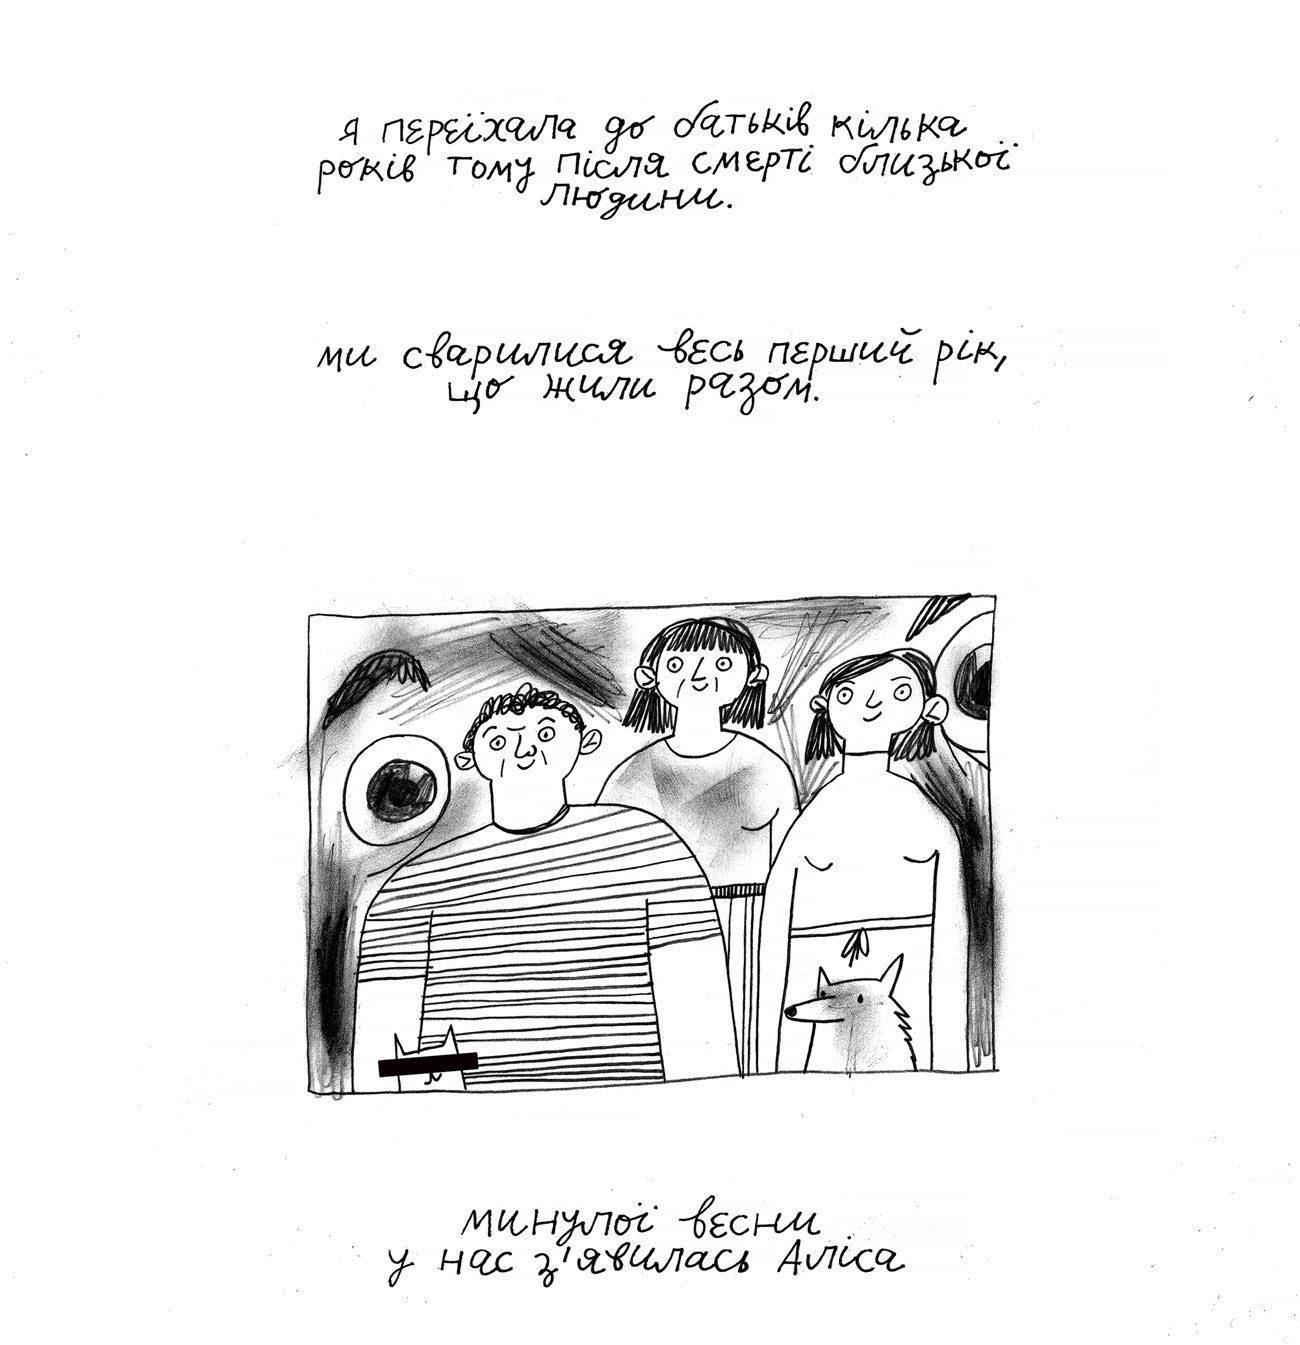 comics oliynik 18 - <b>Вам дісталася сумна дитина.</b> Комікс Жені Олійник про те, як депресія впливає на стосунки - Заборона